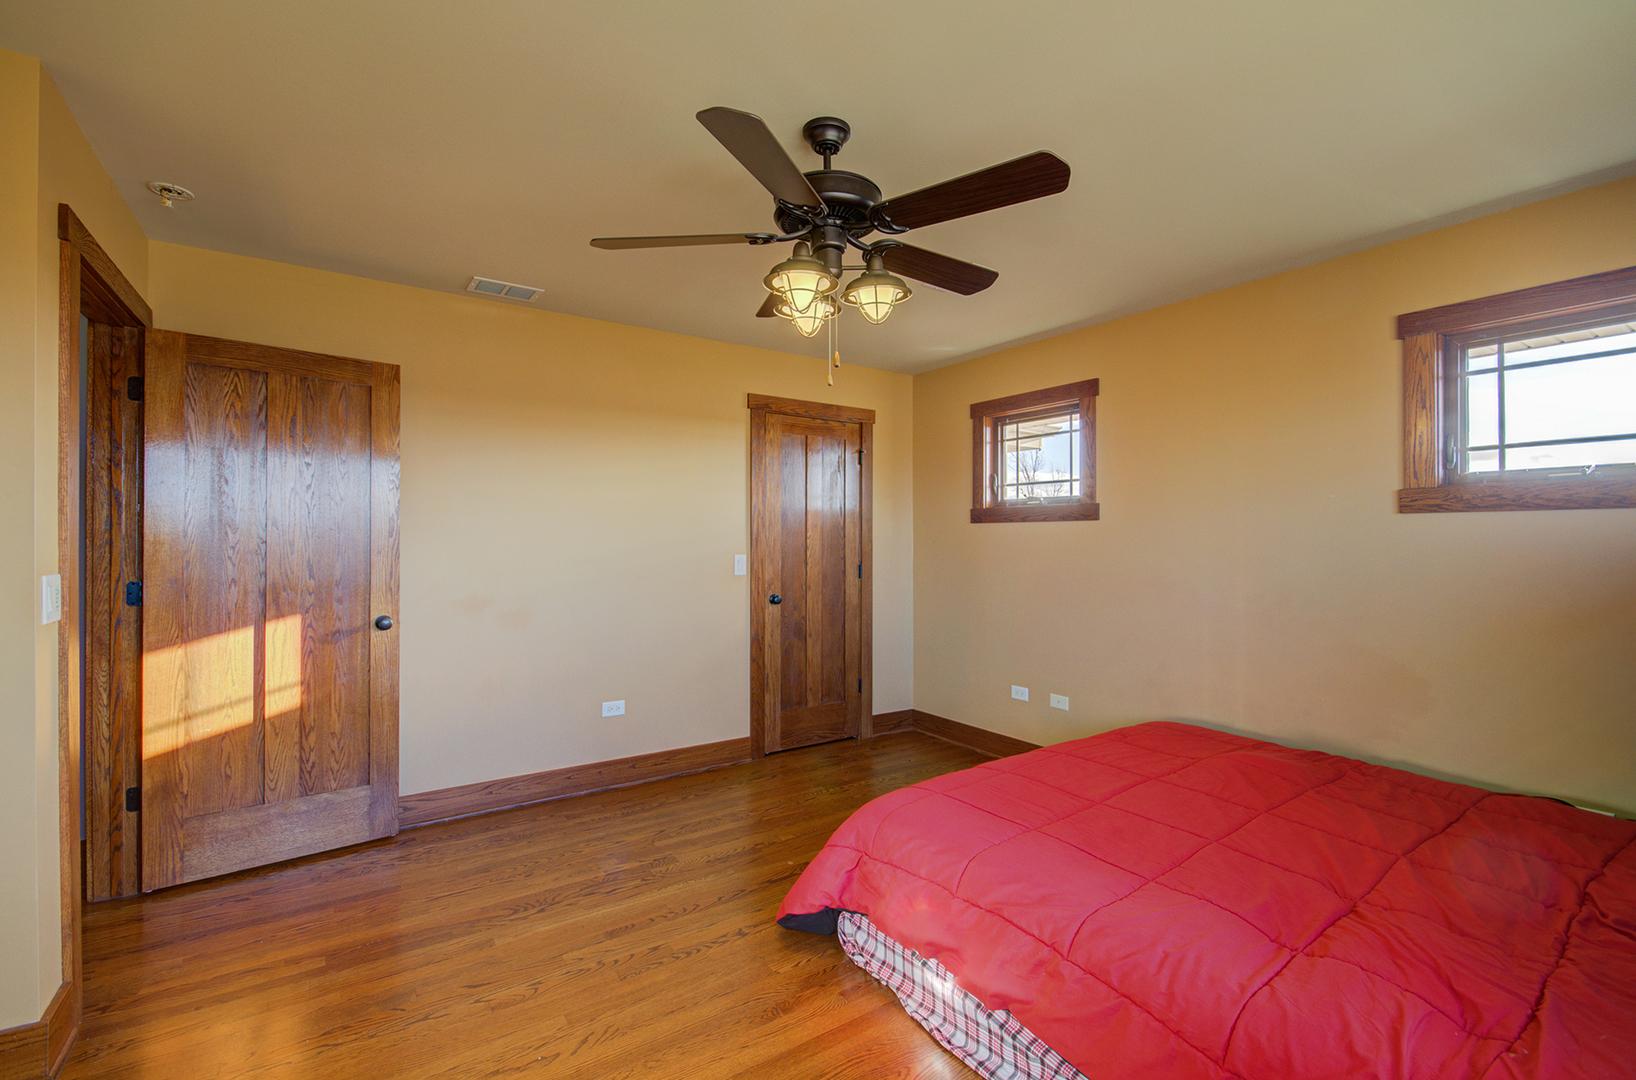 4341 West Olendorf, Monee, Illinois, 60449